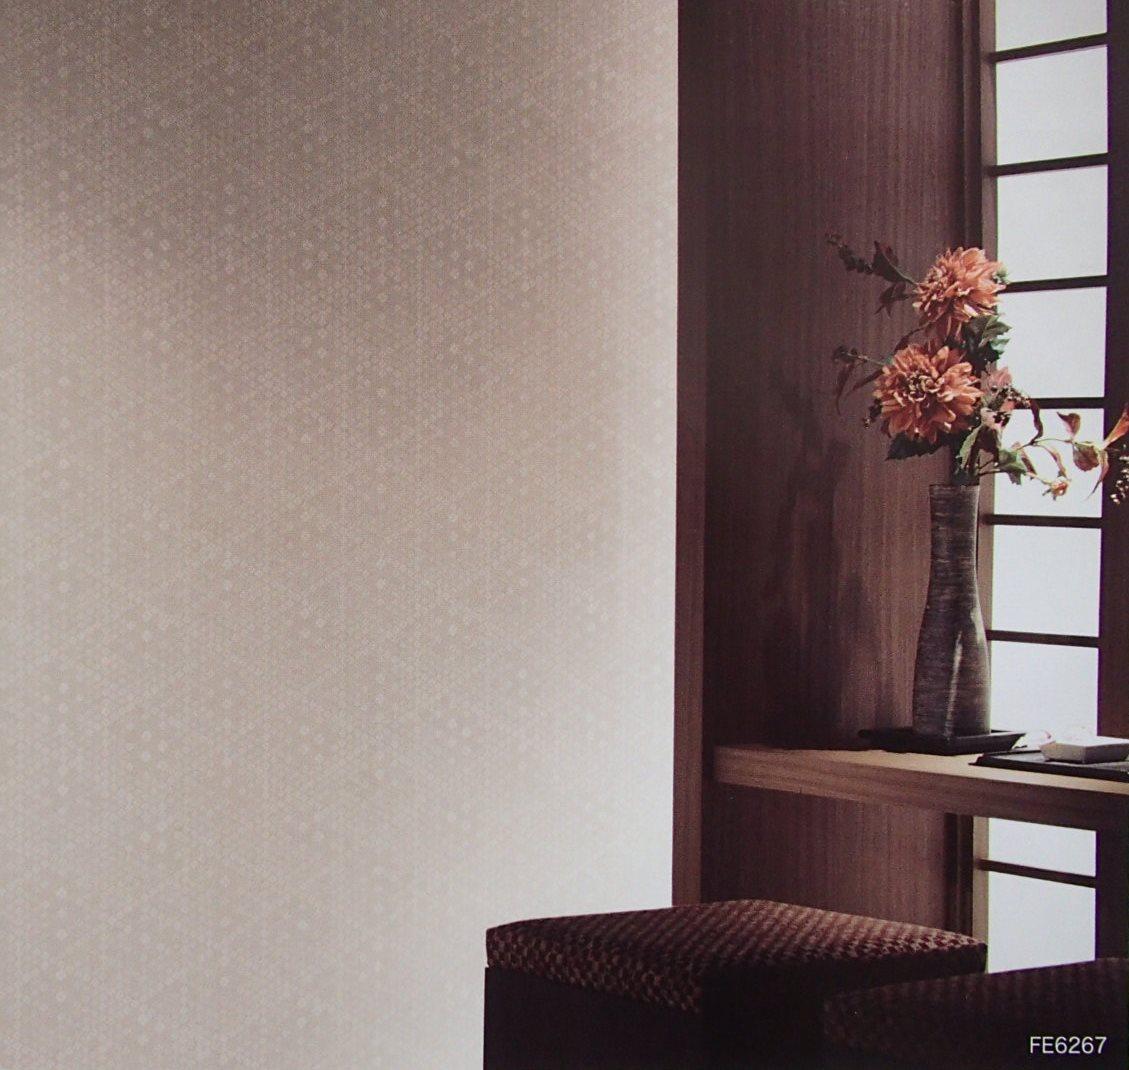 サンゲツ ブランド品 ファインfe 6267のりつき 壁紙 クロス 和柄 和風 和室 茶系 和モダン ブラウン系 のり付き壁紙 1m単位切り売り リフォーム 花菱文様 模様替え Diy